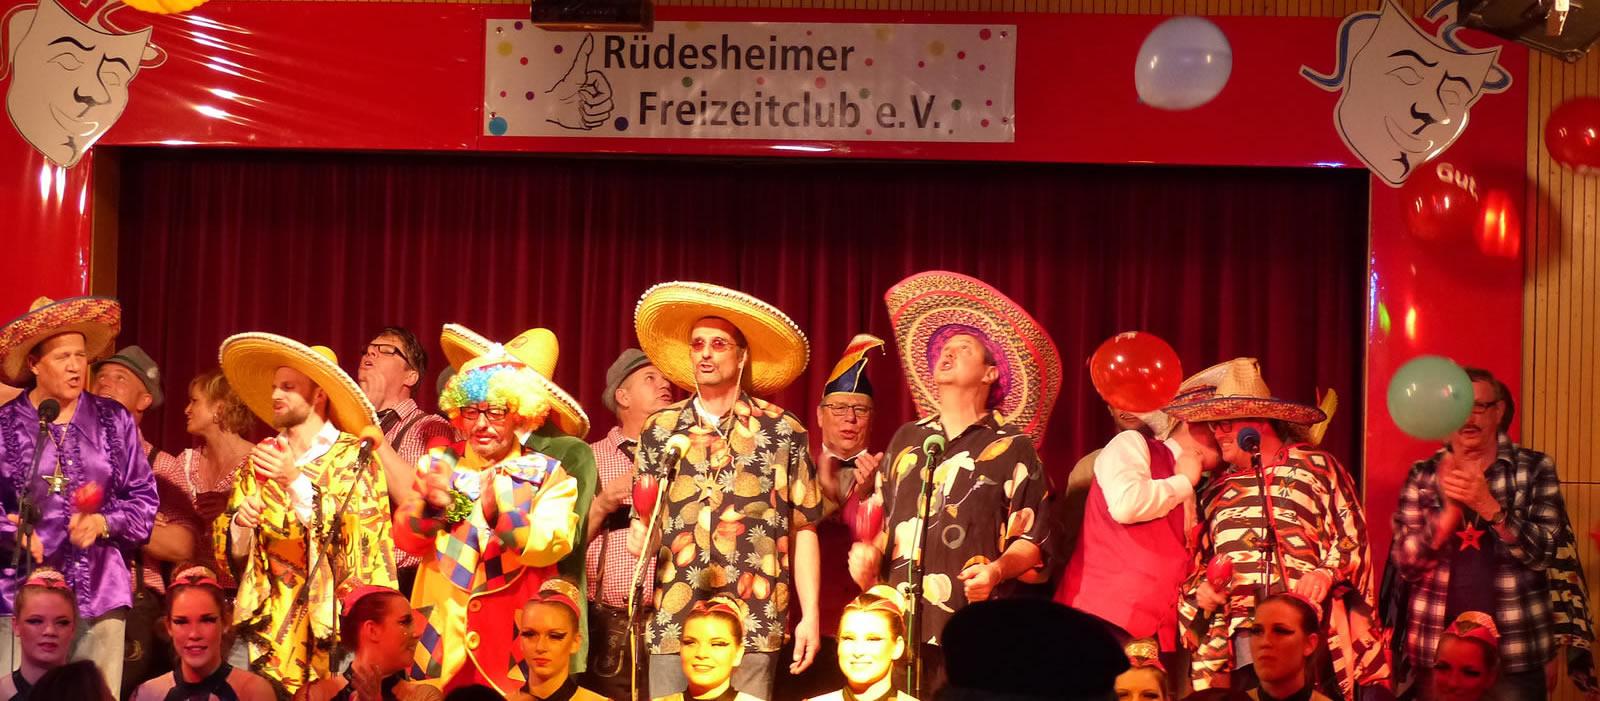 RFC - Rüdesheimer - Freizeitclub